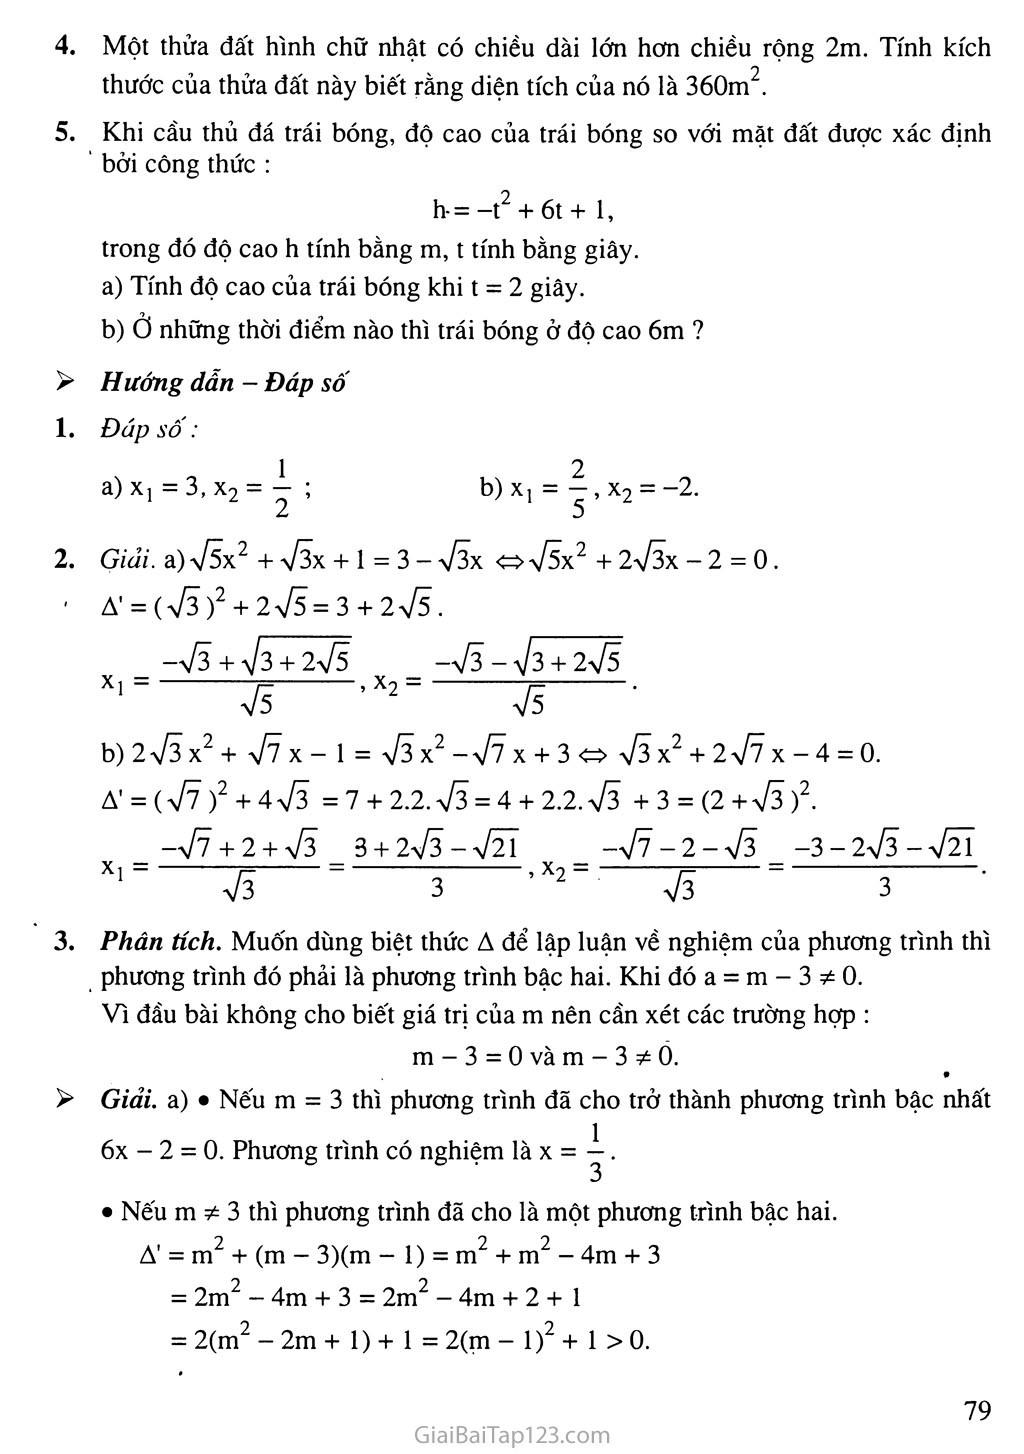 Bài 5. Công thức nghiệm thu gọn trang 6